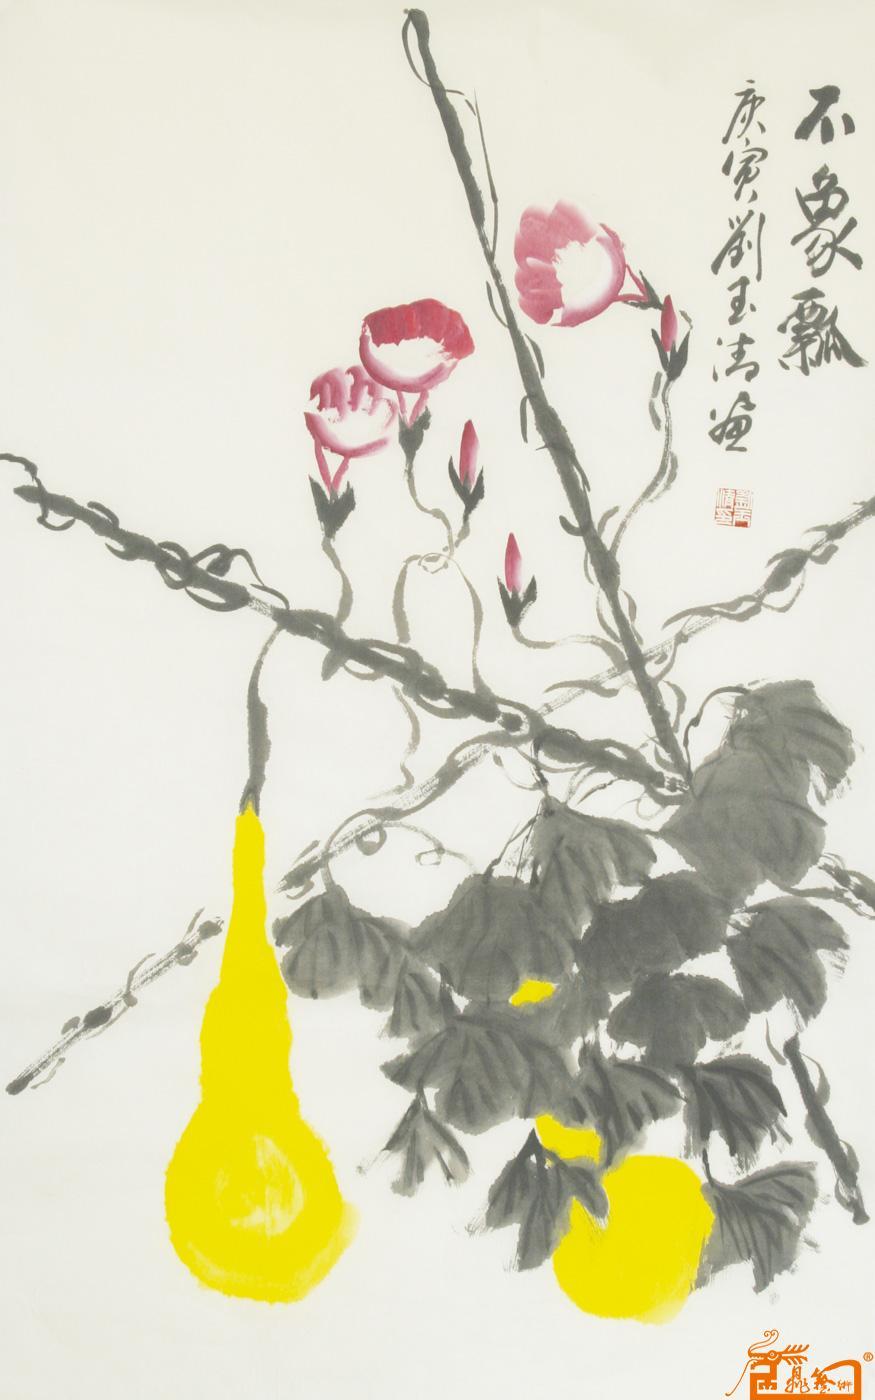 名家 刘玉清 国画 - 牵牛葫芦 当前 位粉丝喜爱本幅作品